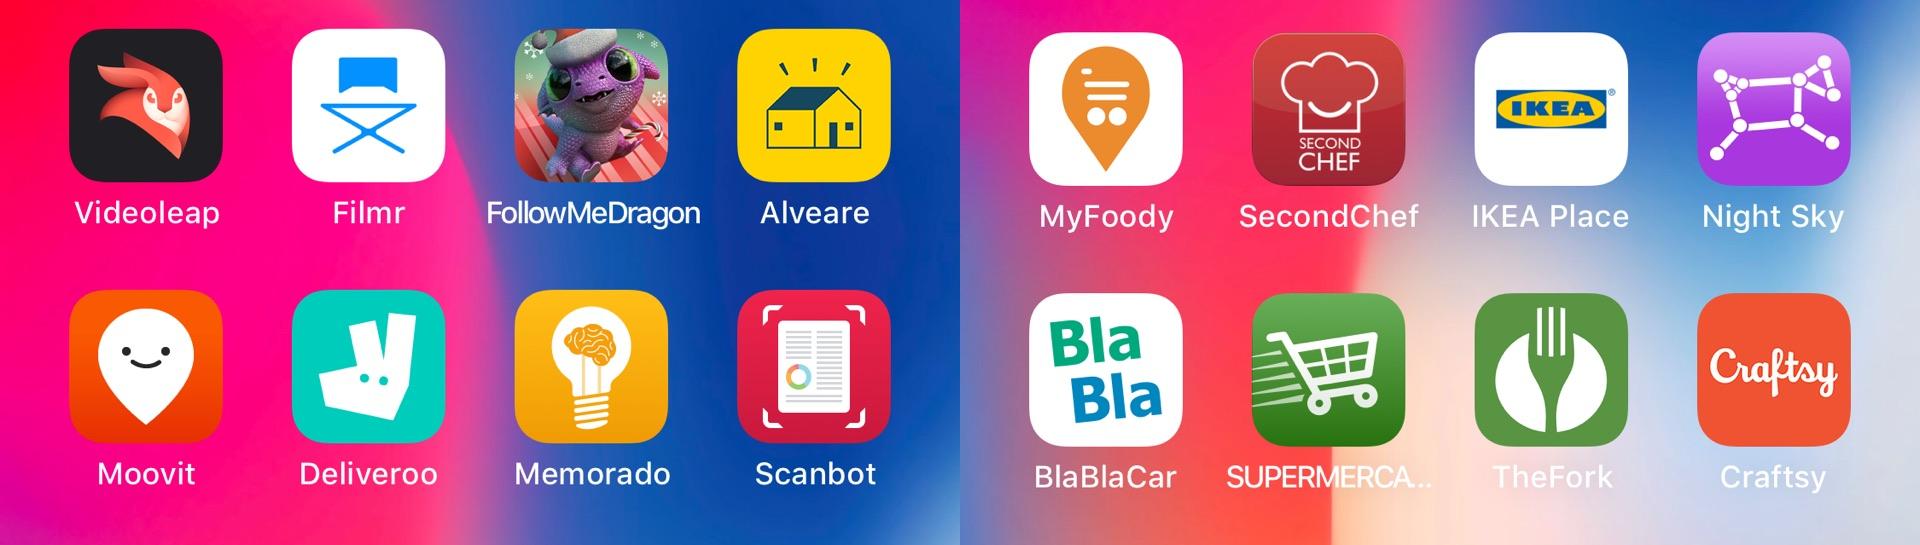 Le migliori app per iPhone consigliate da Apple